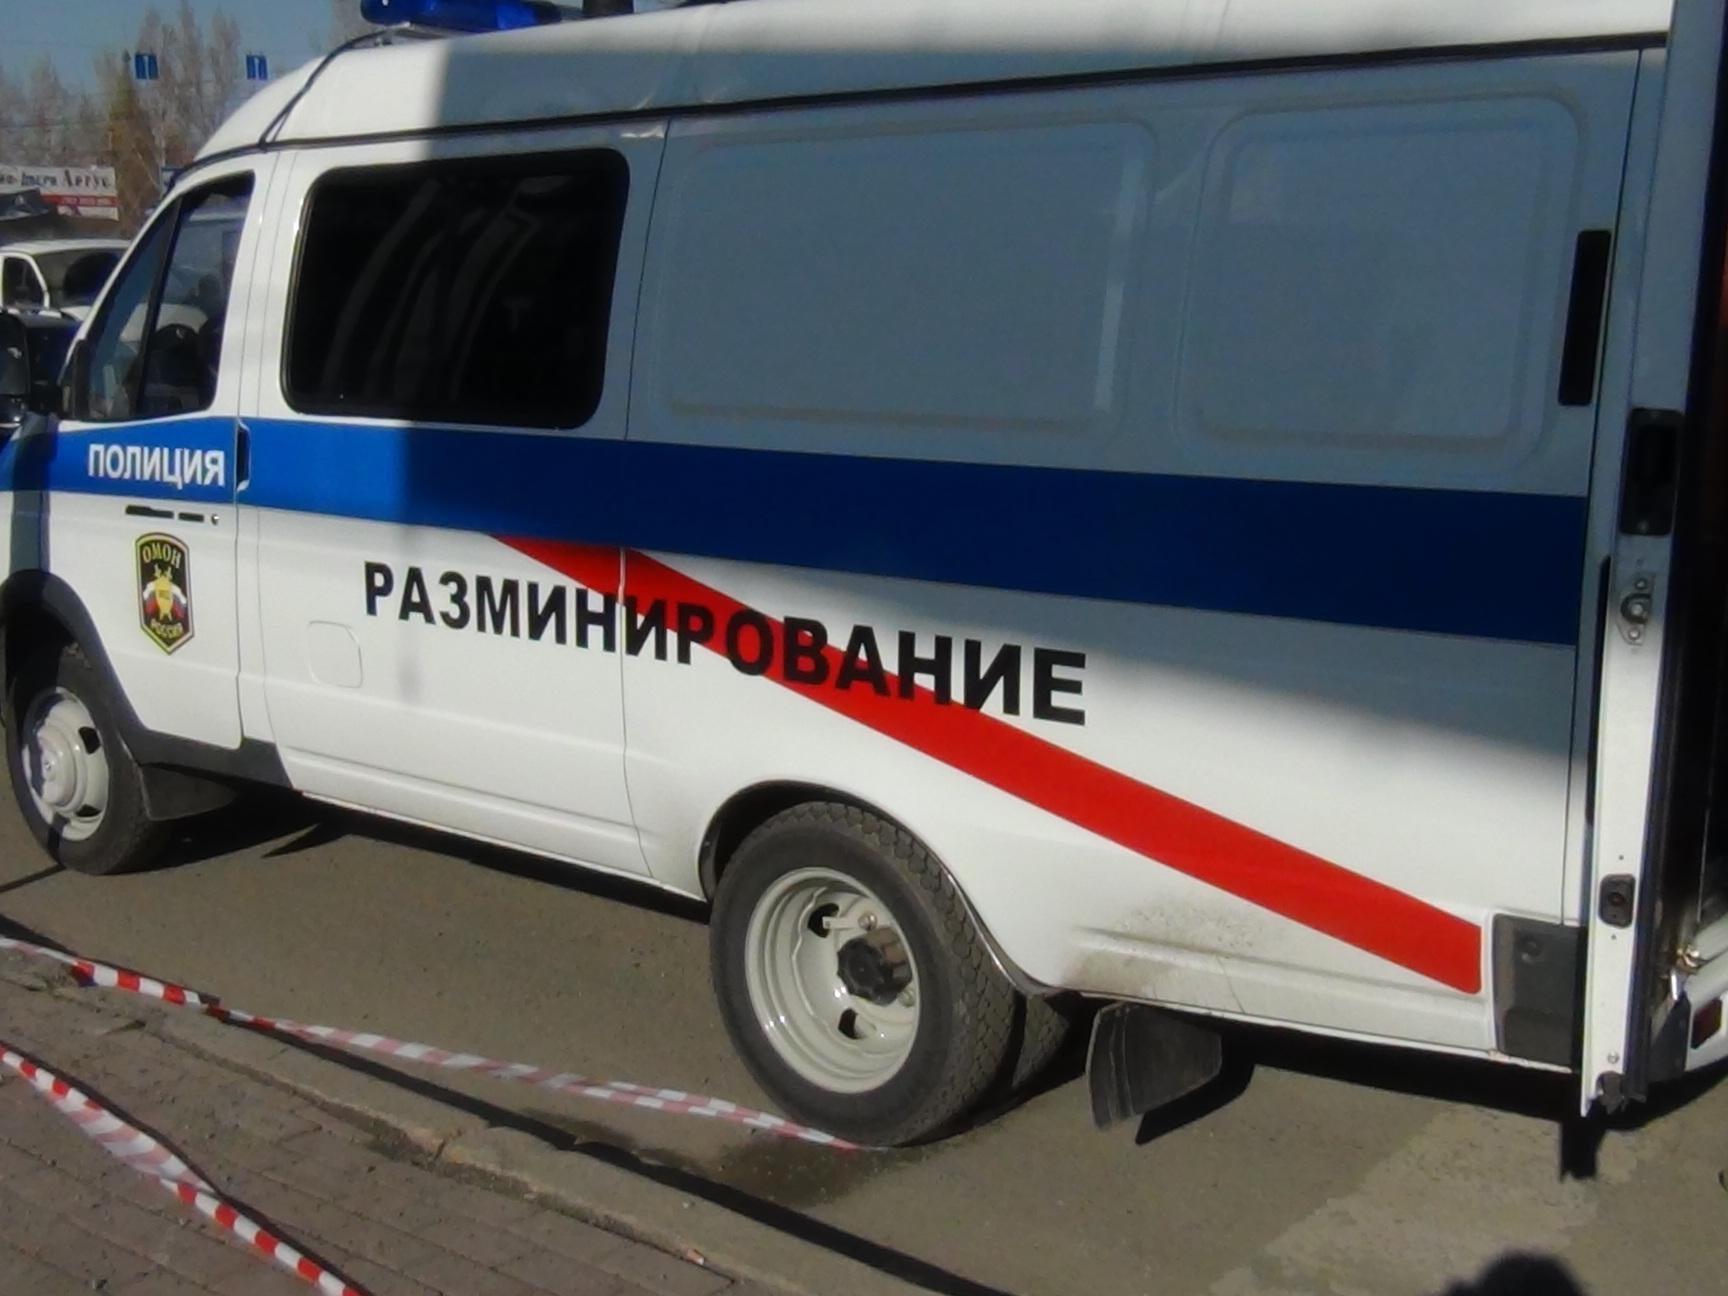 Как сообщил агентству «Урал-пресс-информ» осведомленный источник, чрезвычайное происшествие произ